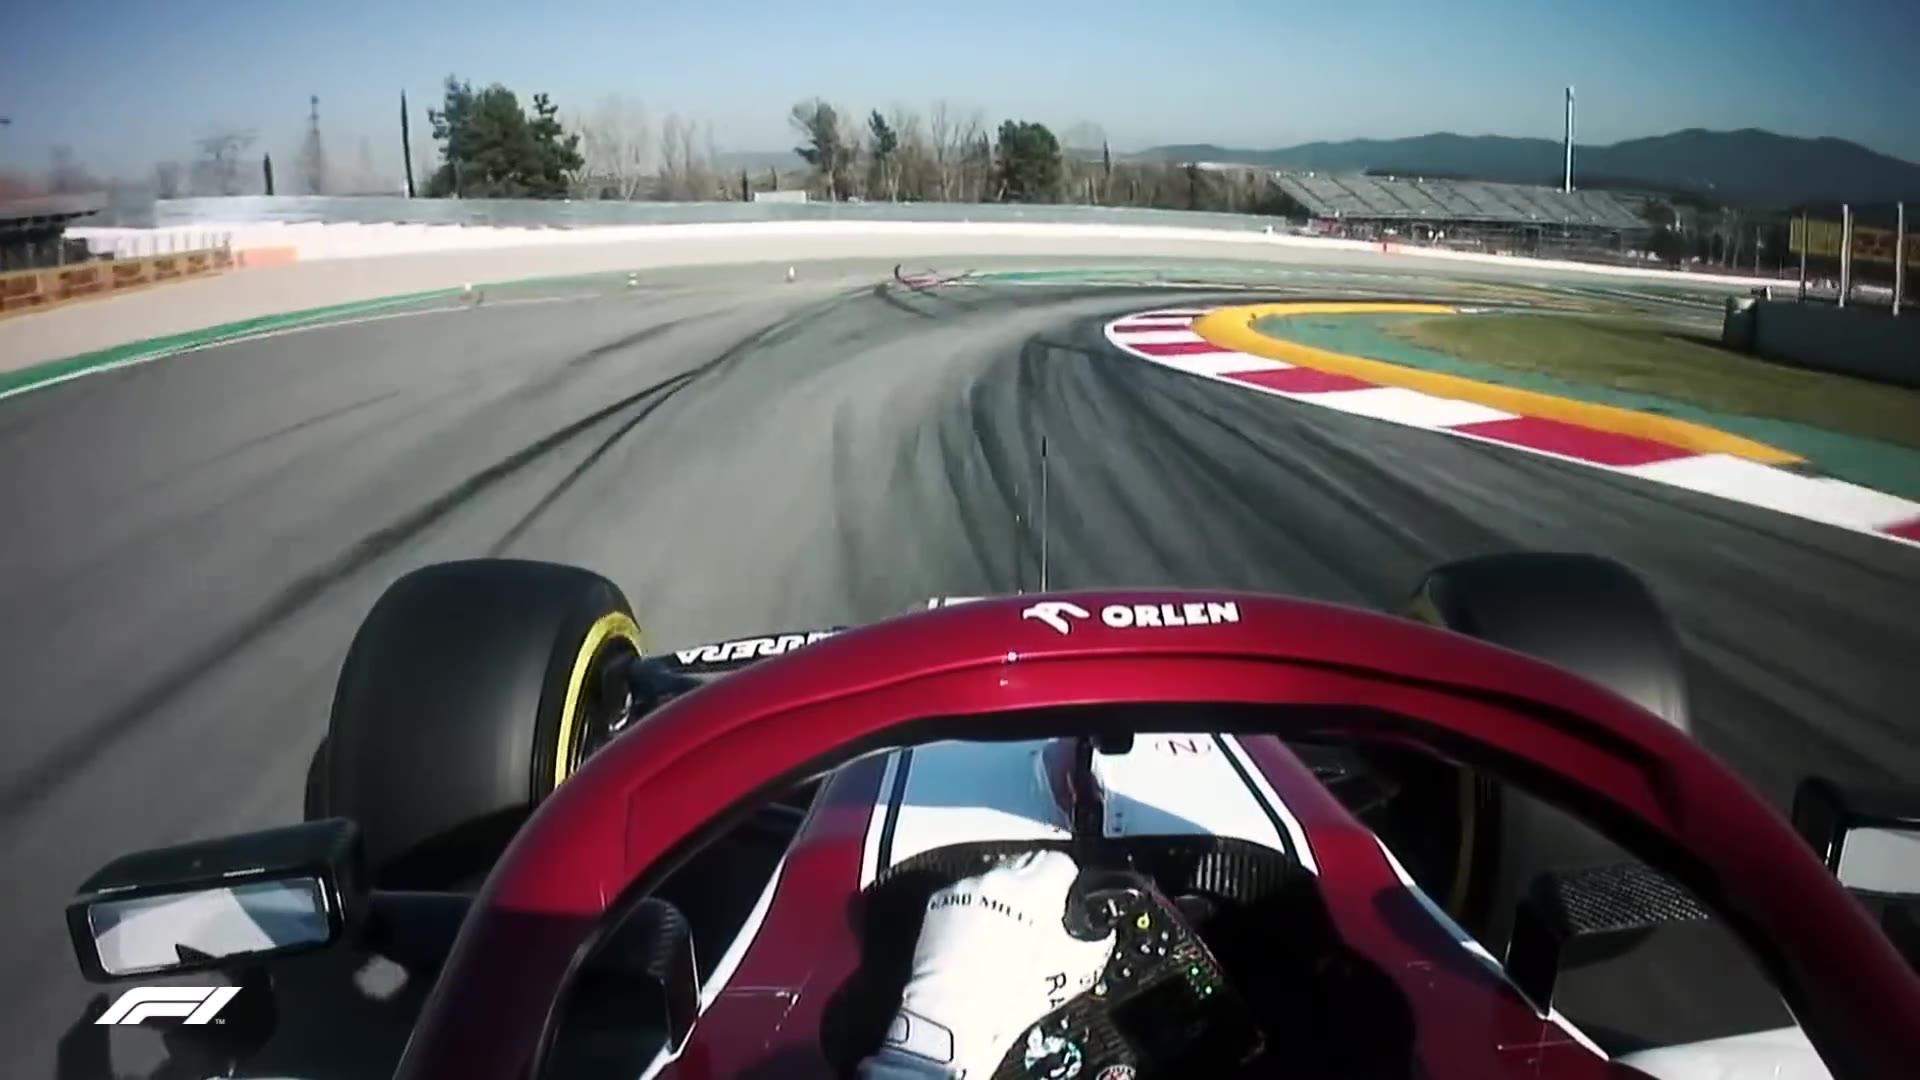 F1 2020巴塞罗那冬测DAY 2,kimi最快,梅塞德斯亮出黑科技DAS系统